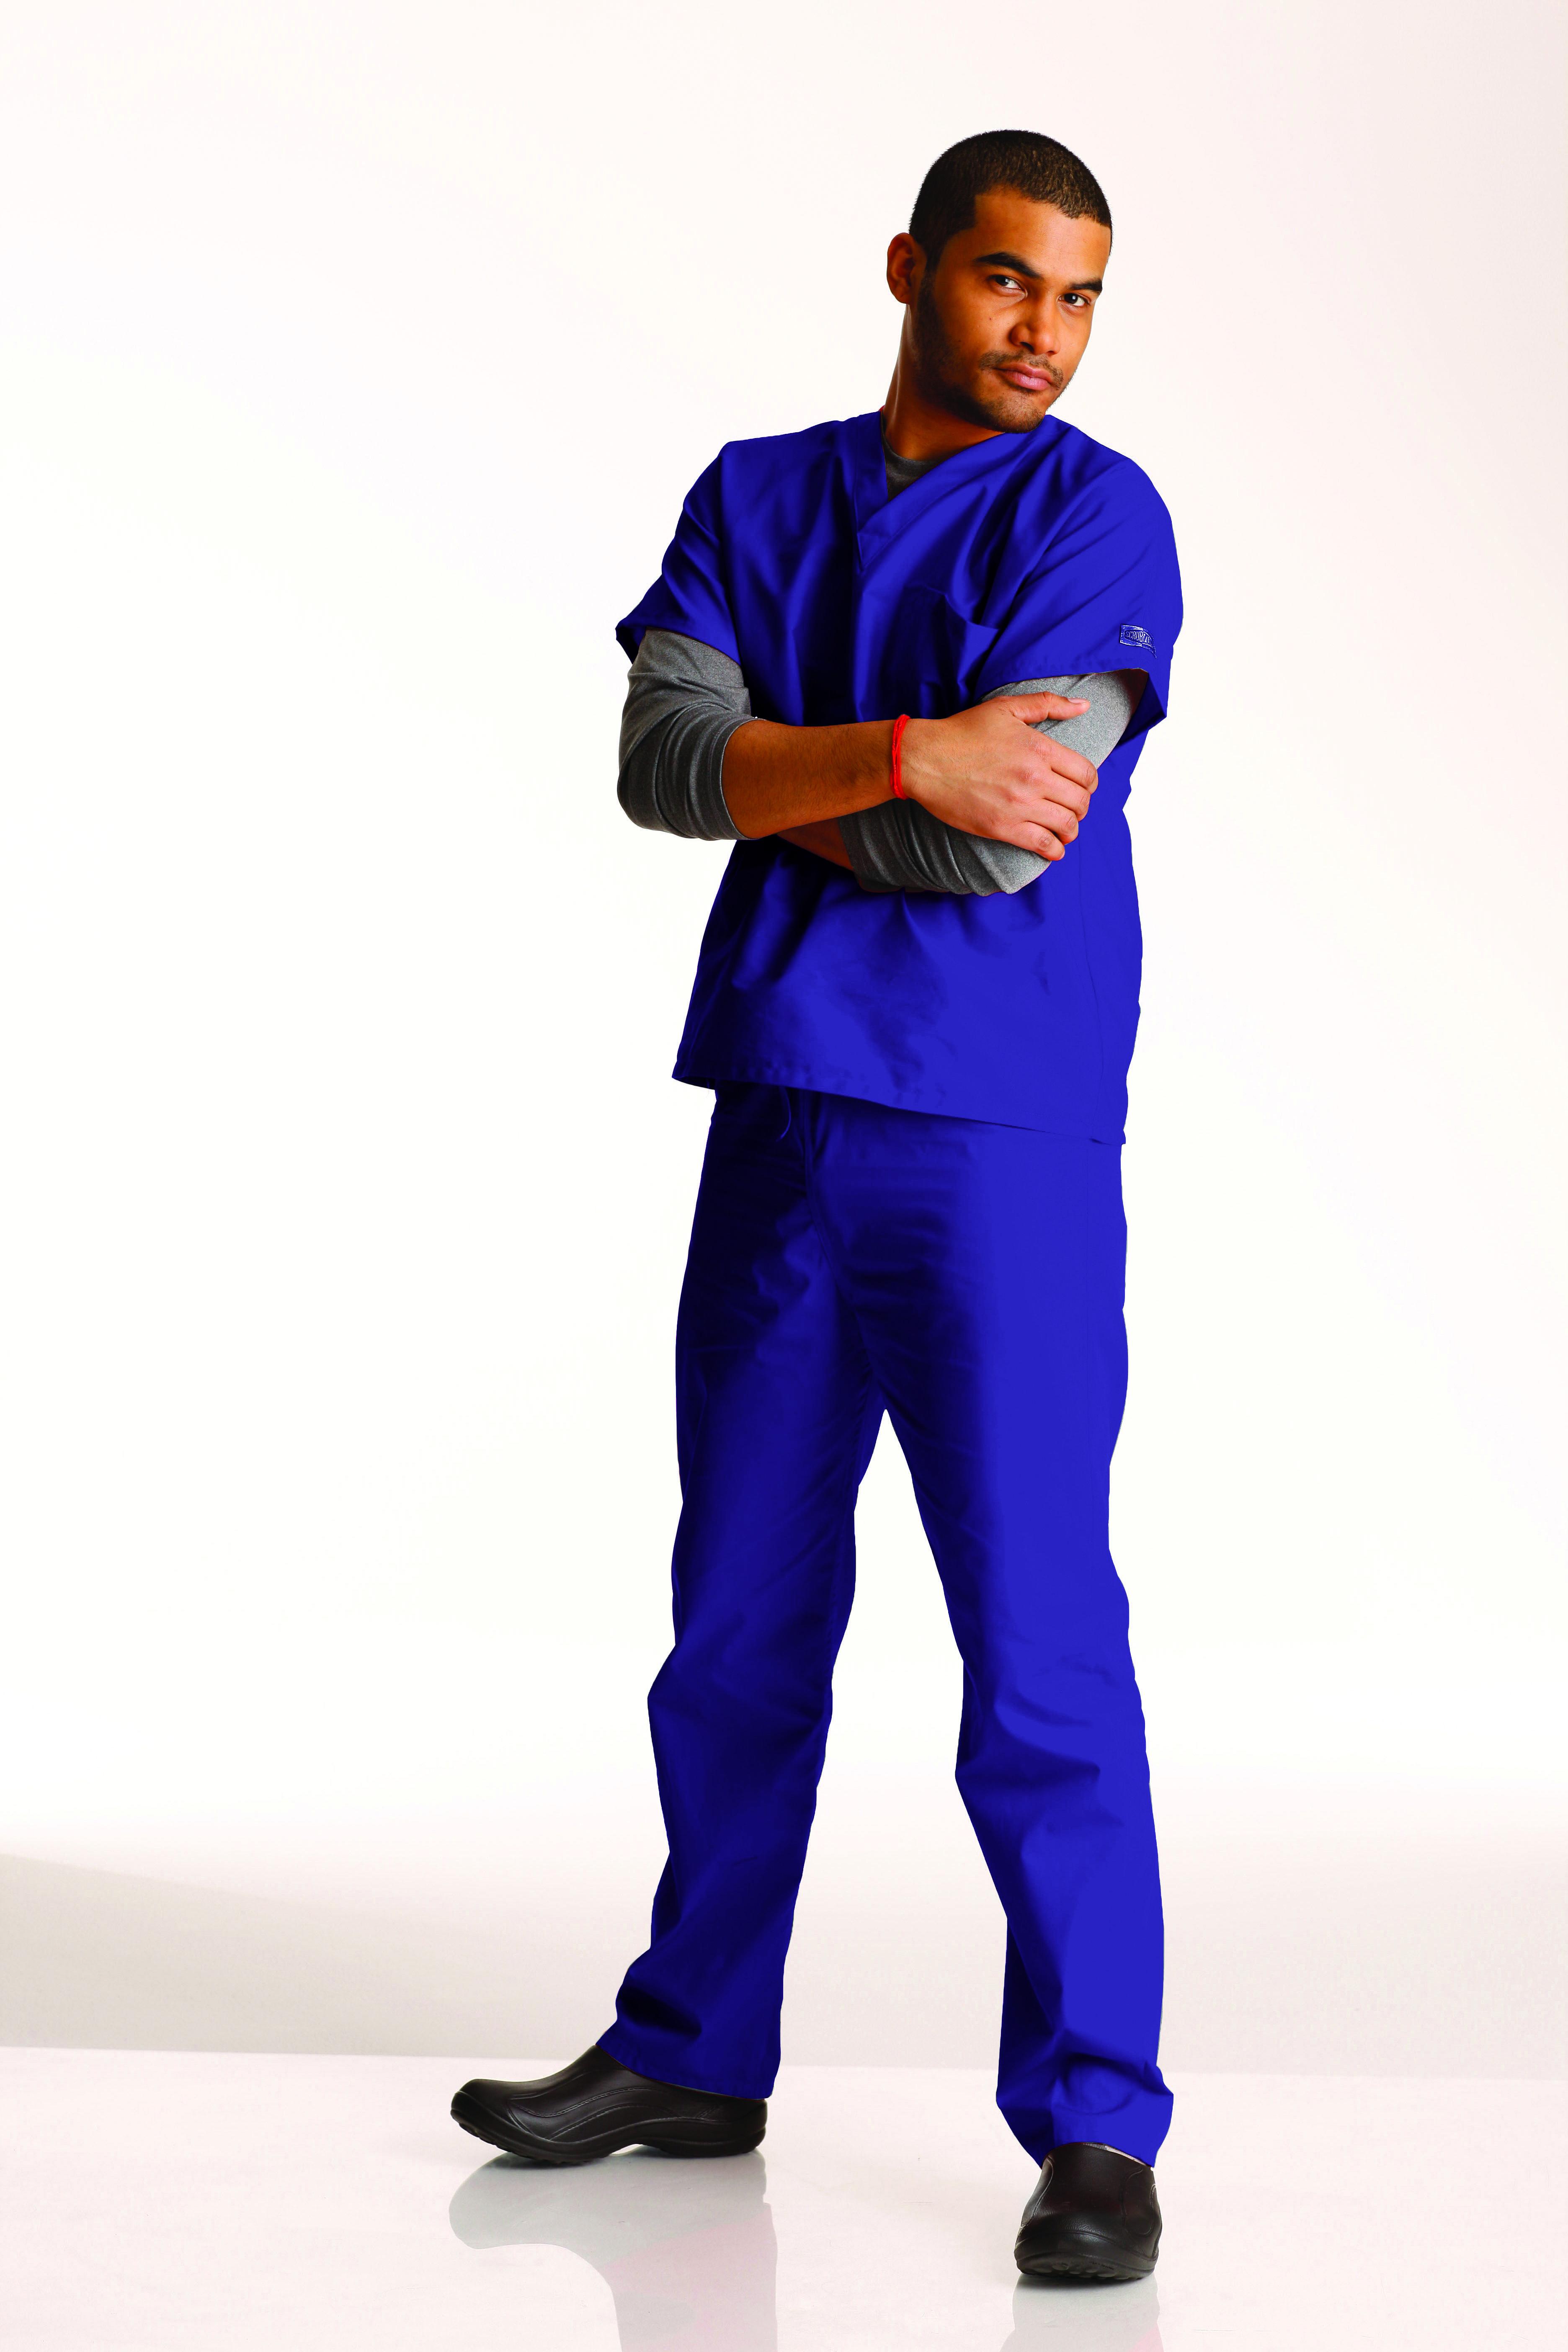 46359bd7796 Scrubzone Unisex Trousers (85221) in #grape #scrubs #scrublife #scrubtop  #unisex #purple #bright #bold #workwear #uniforms #colour #scrubzone  #landau ...